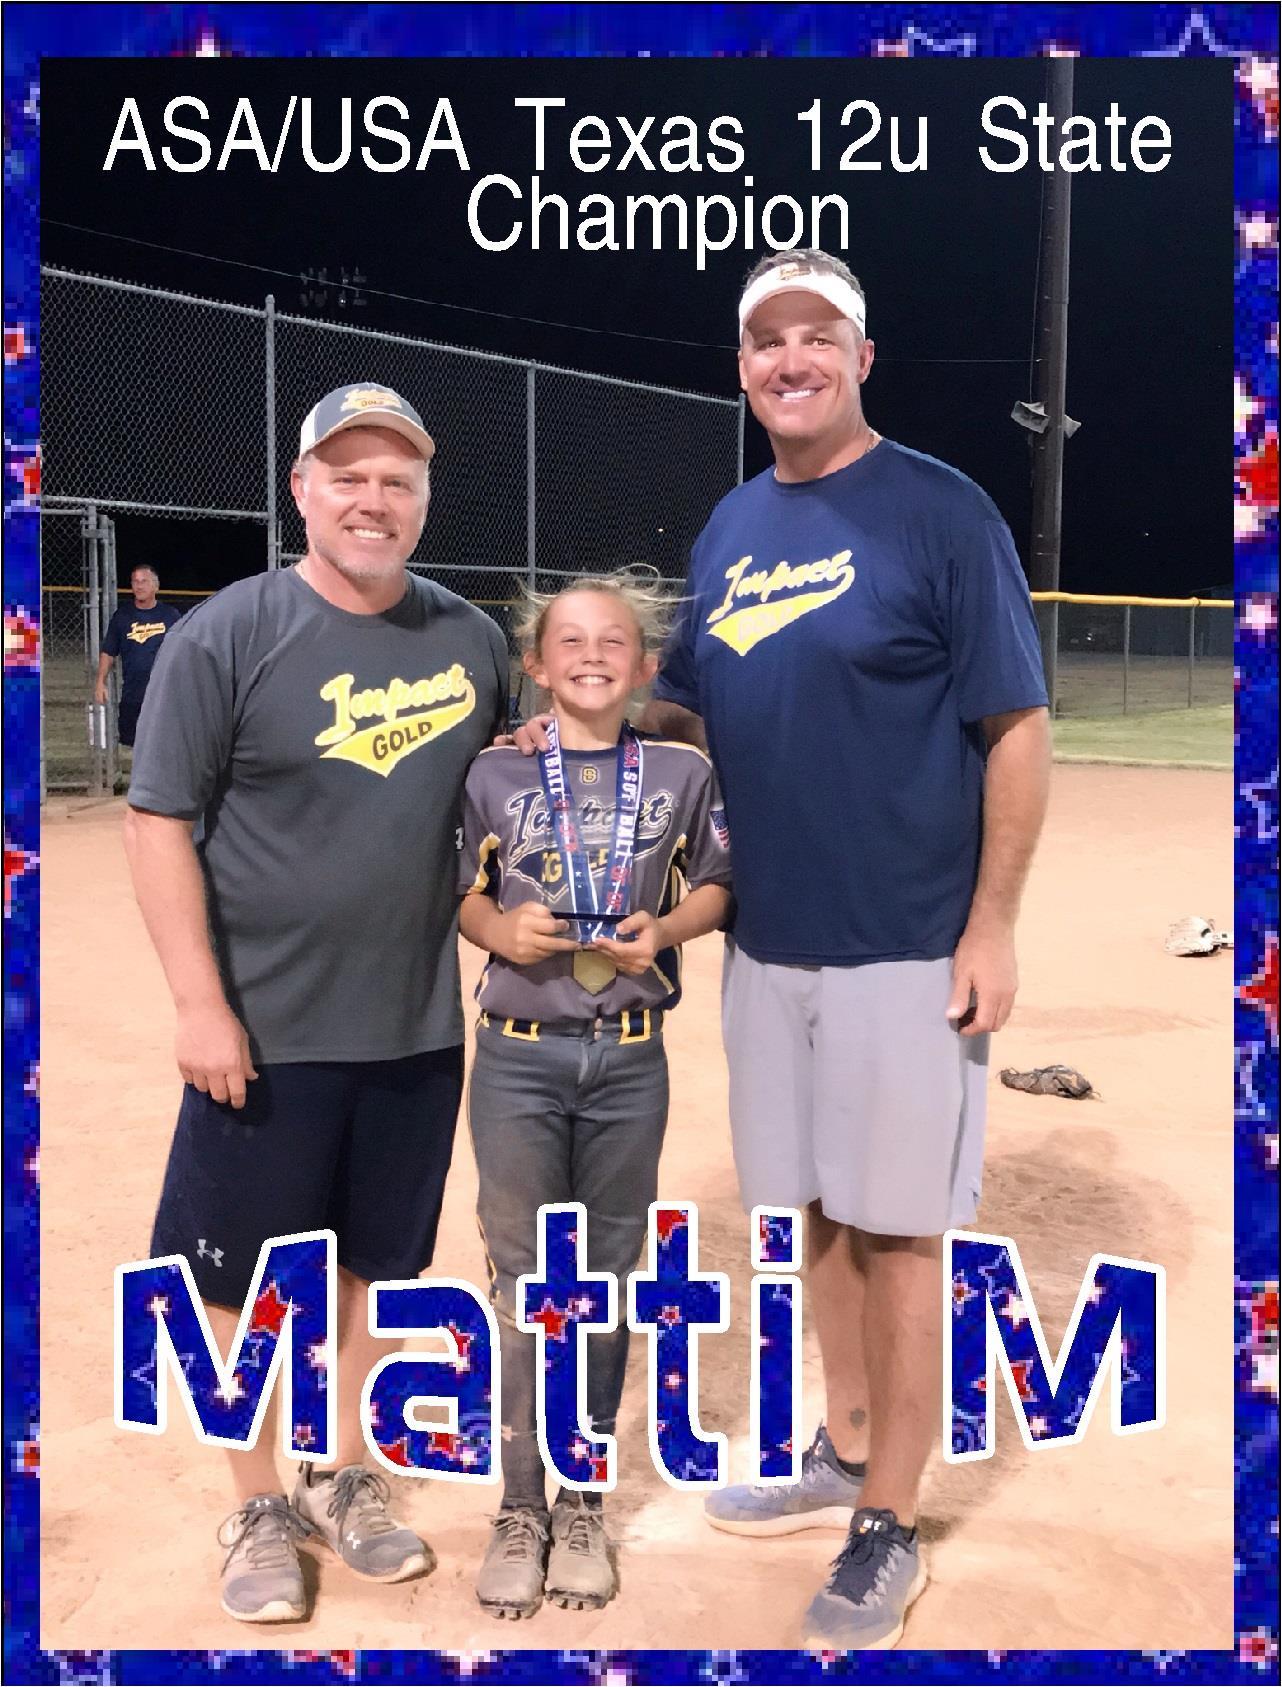 Mattichamp2